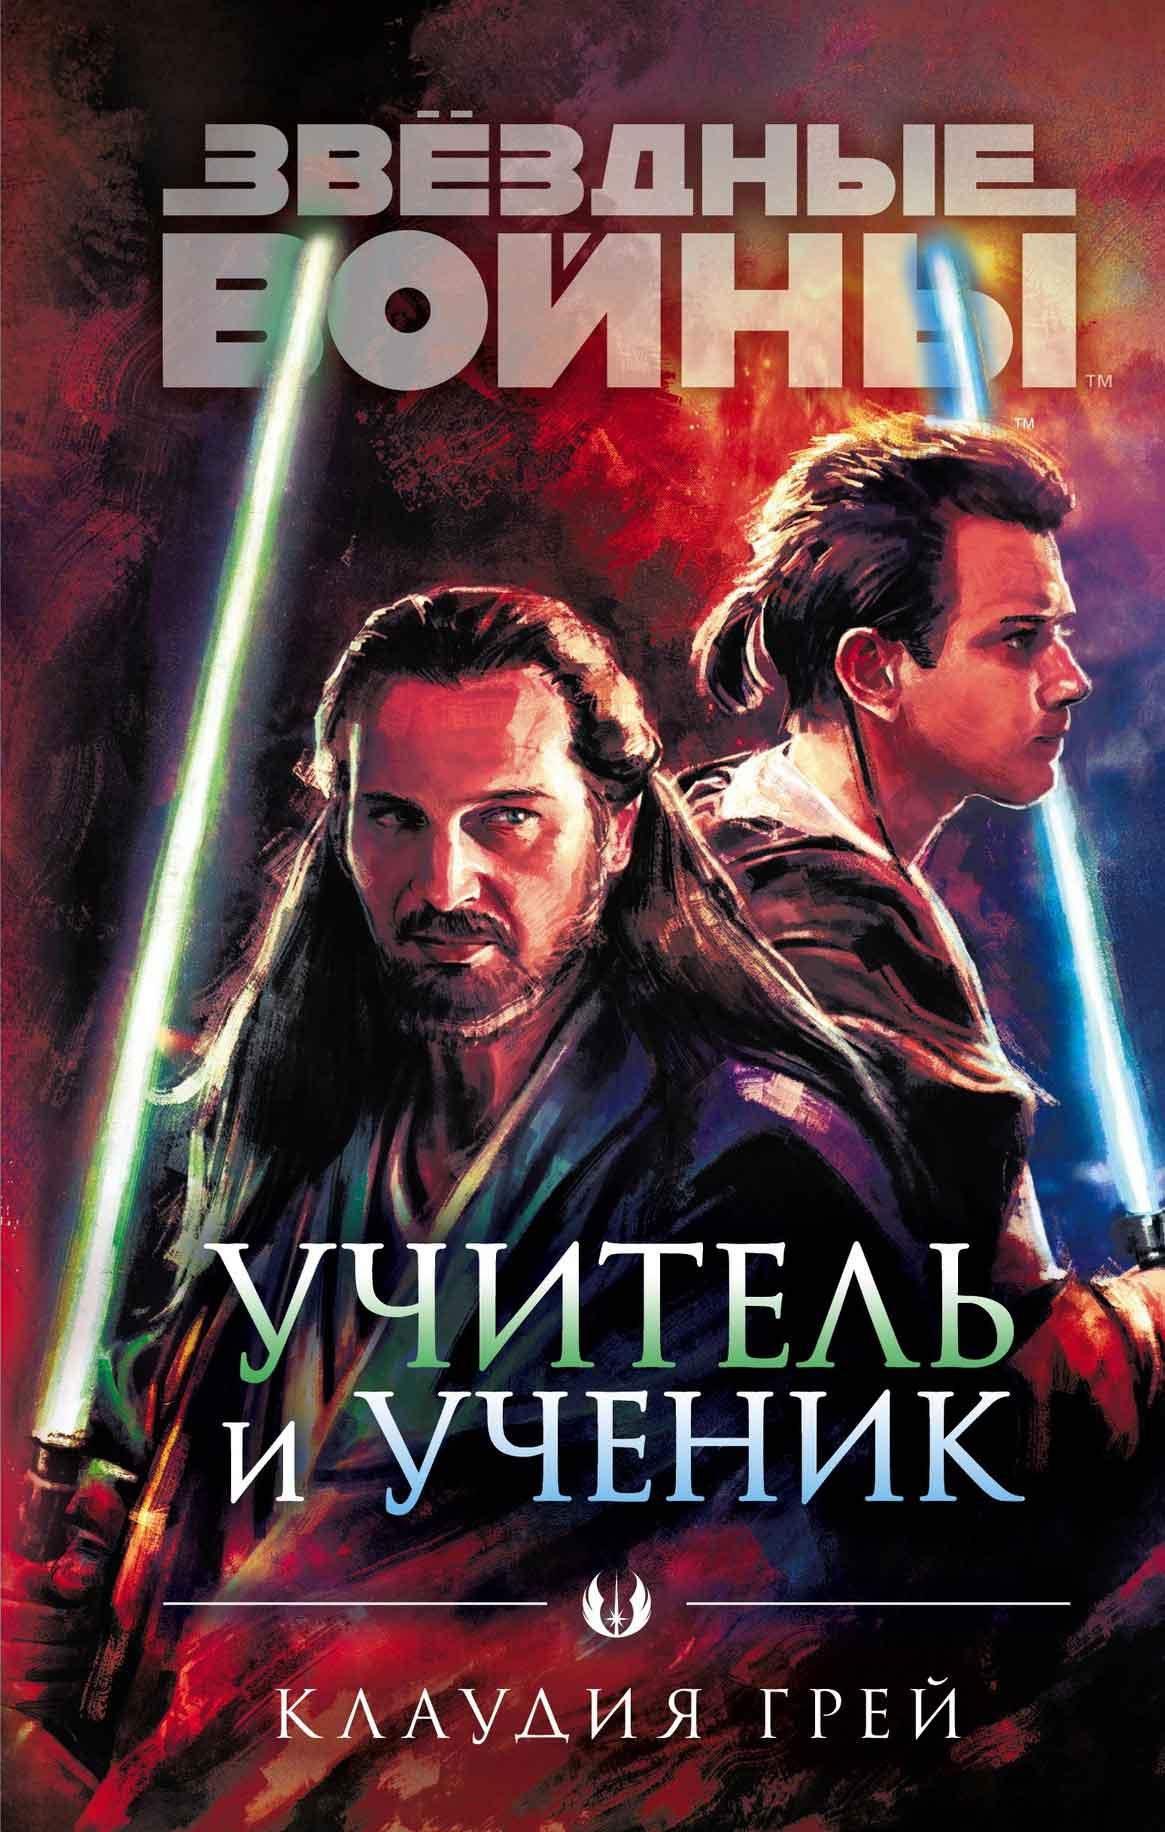 Читаем книгу: Клаудиа Грей «Звёздные войны. Учитель и ученик» 1